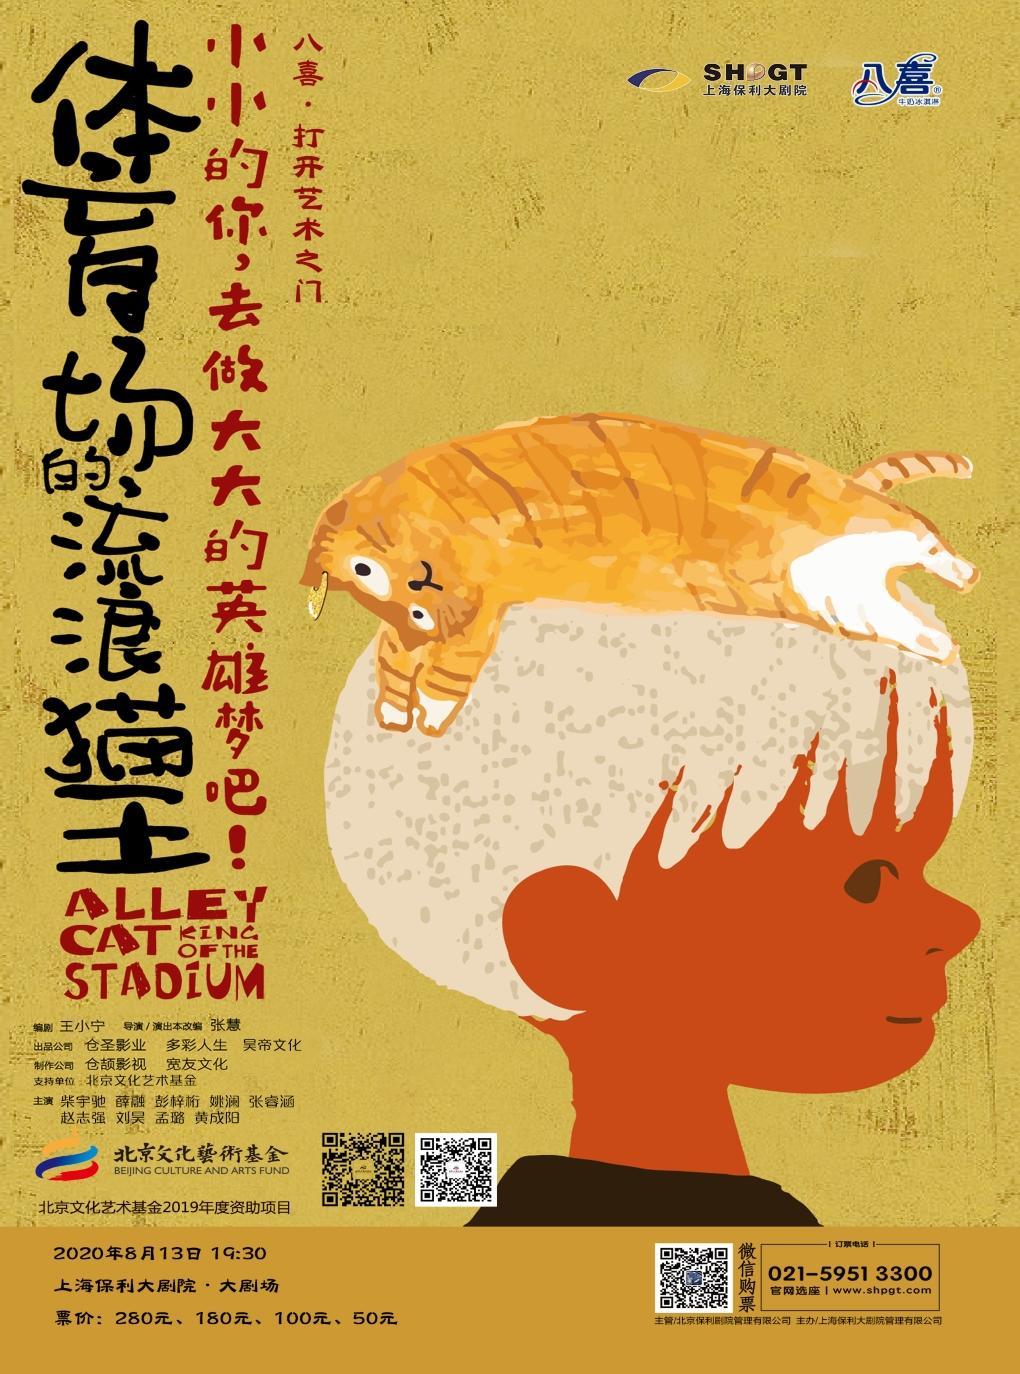 大型儿童舞台剧 《体育场的流浪猫王》